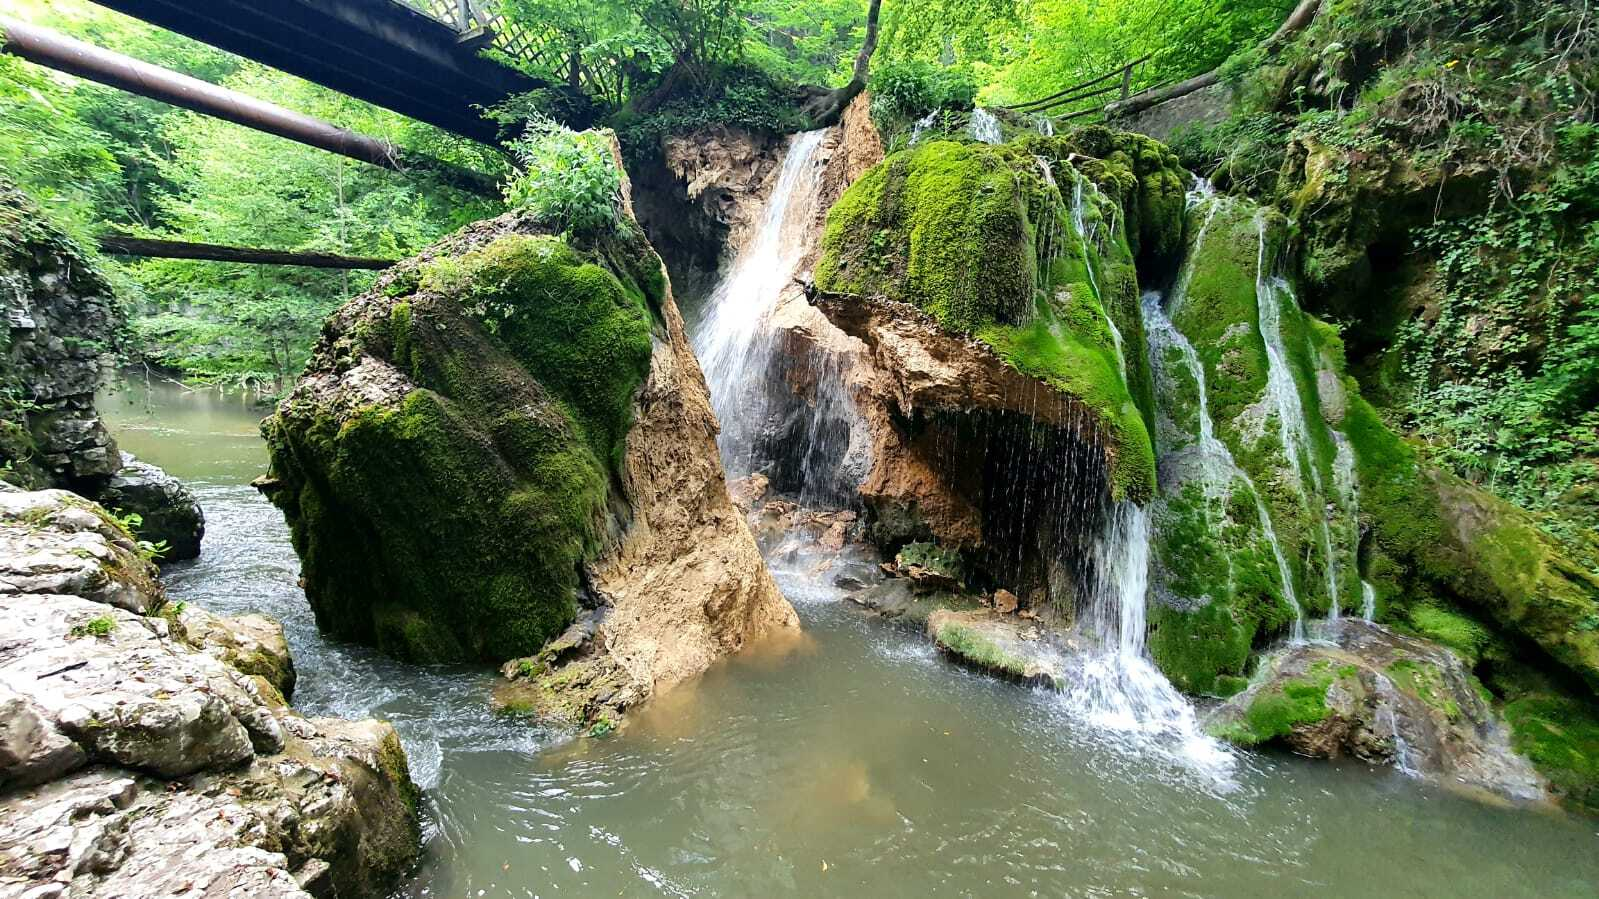 Cascada Bigăr s-a prăbuşit. Era cel mai vizitat loc din județul Caraș-Severin. VIDEO